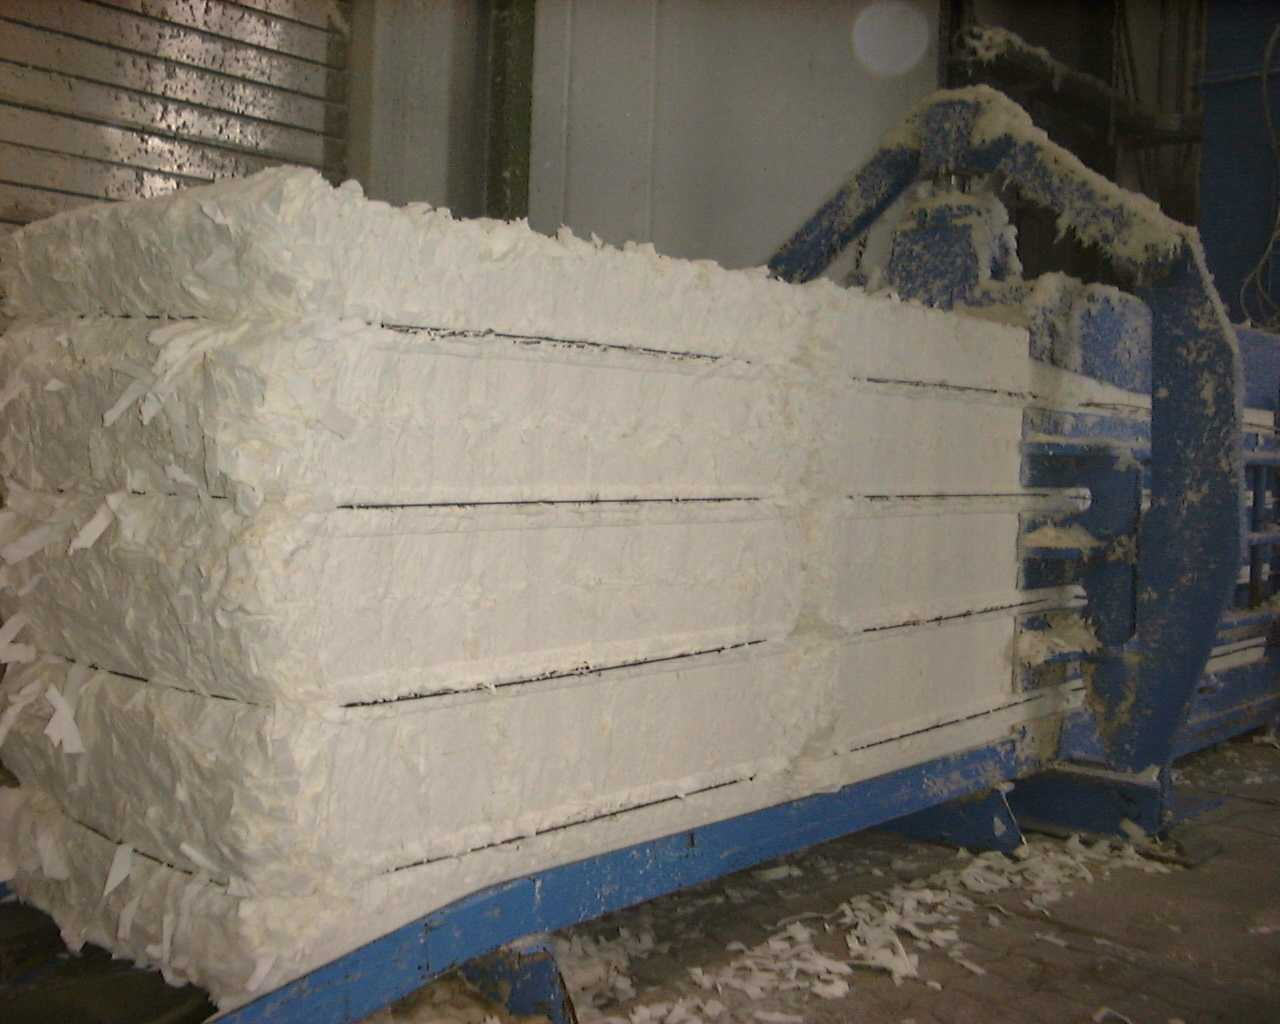 Ứng dụng công nghệ sinh học trong sản xuất bột giấy